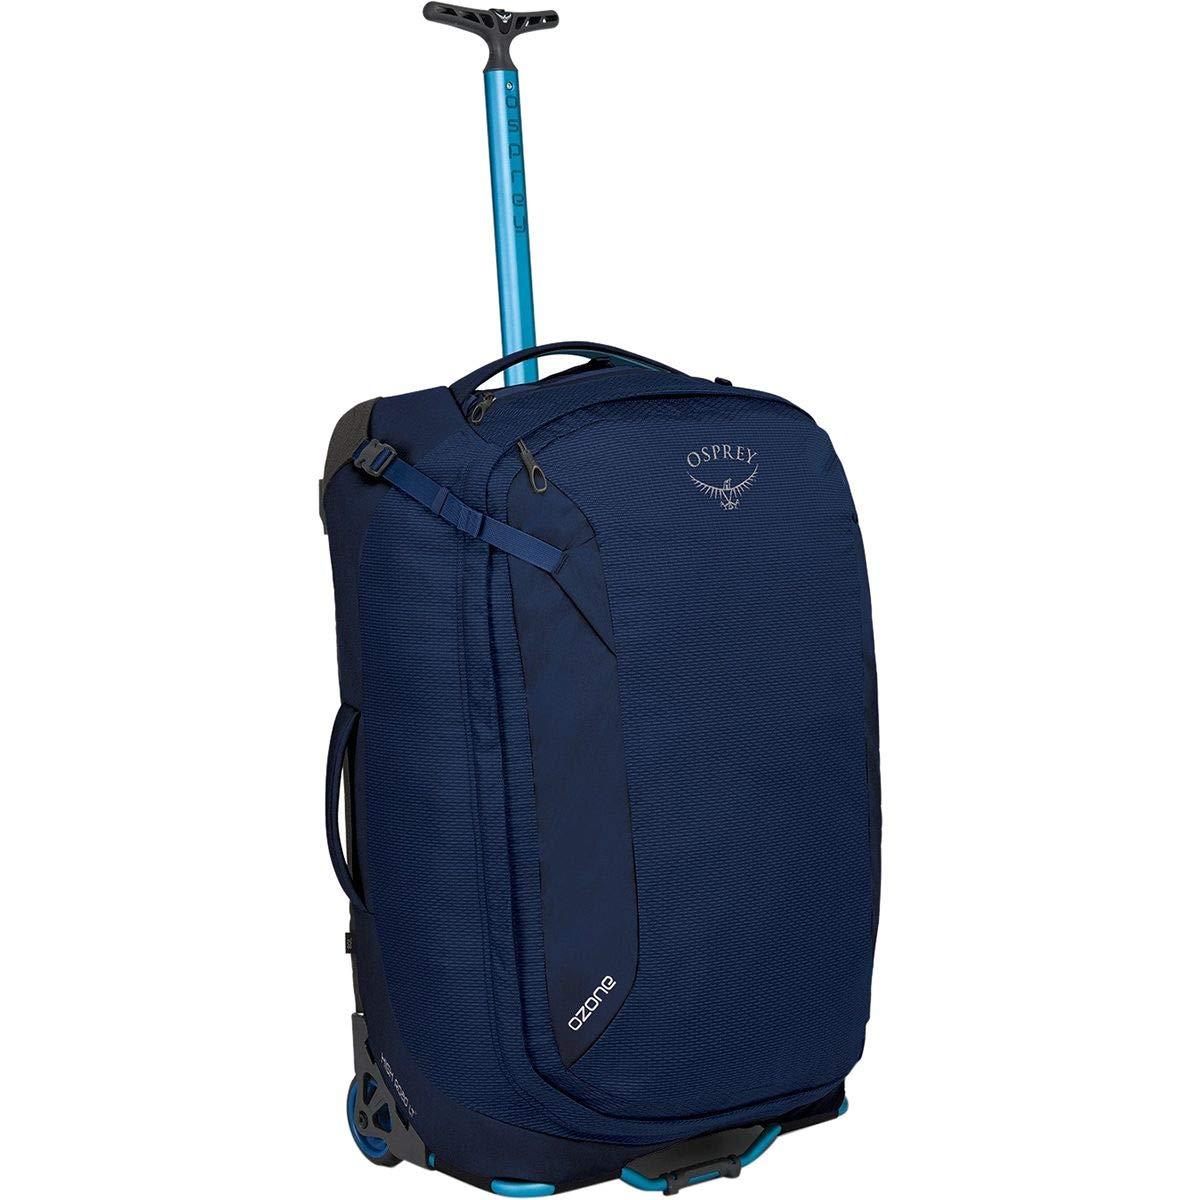 [オスプレーパック] レディース ボストンバッグ Ozone 75L Rolling Gear Bag [並行輸入品] B07HNXDN71  No-Size